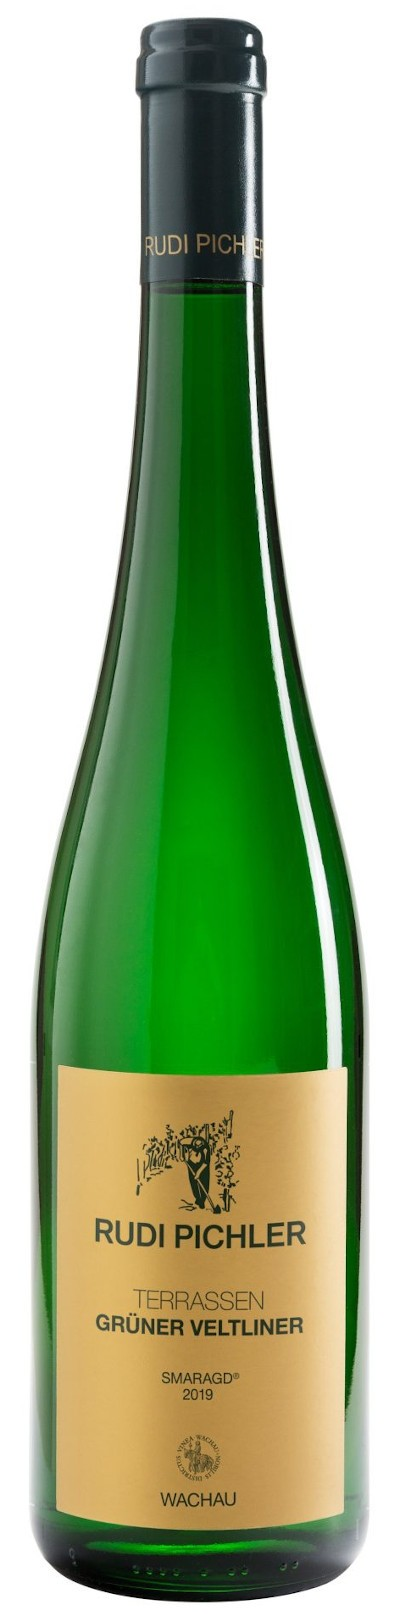 Rudi Pichler - Grüner Veltliner Smaragd Terrassen